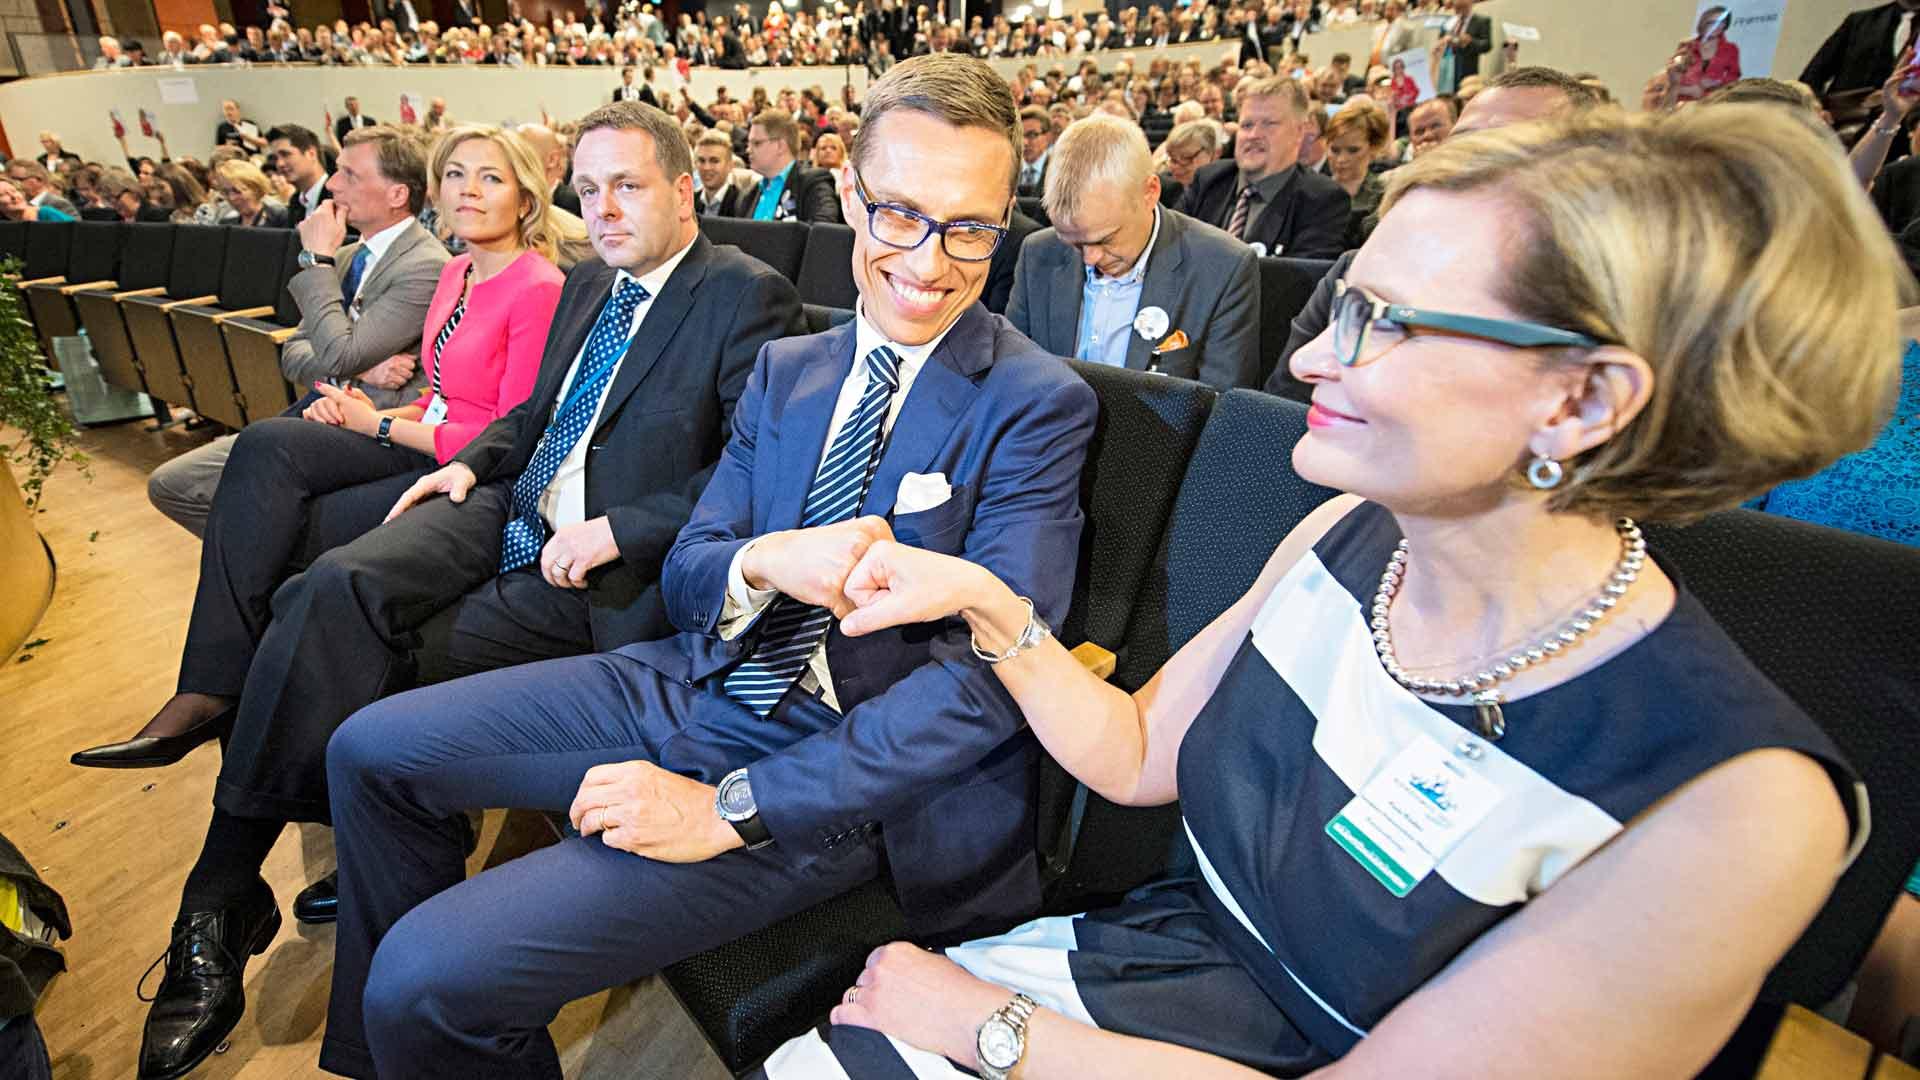 Alexander Stubb voitti Paula Risikon 2014, mutta puoluejohtajuuden arki oli myrkkyä Stubbin uralle. Risikon tie jatkui sisäministeriksi ja seuraavan eduskunnan puhemieheksi.